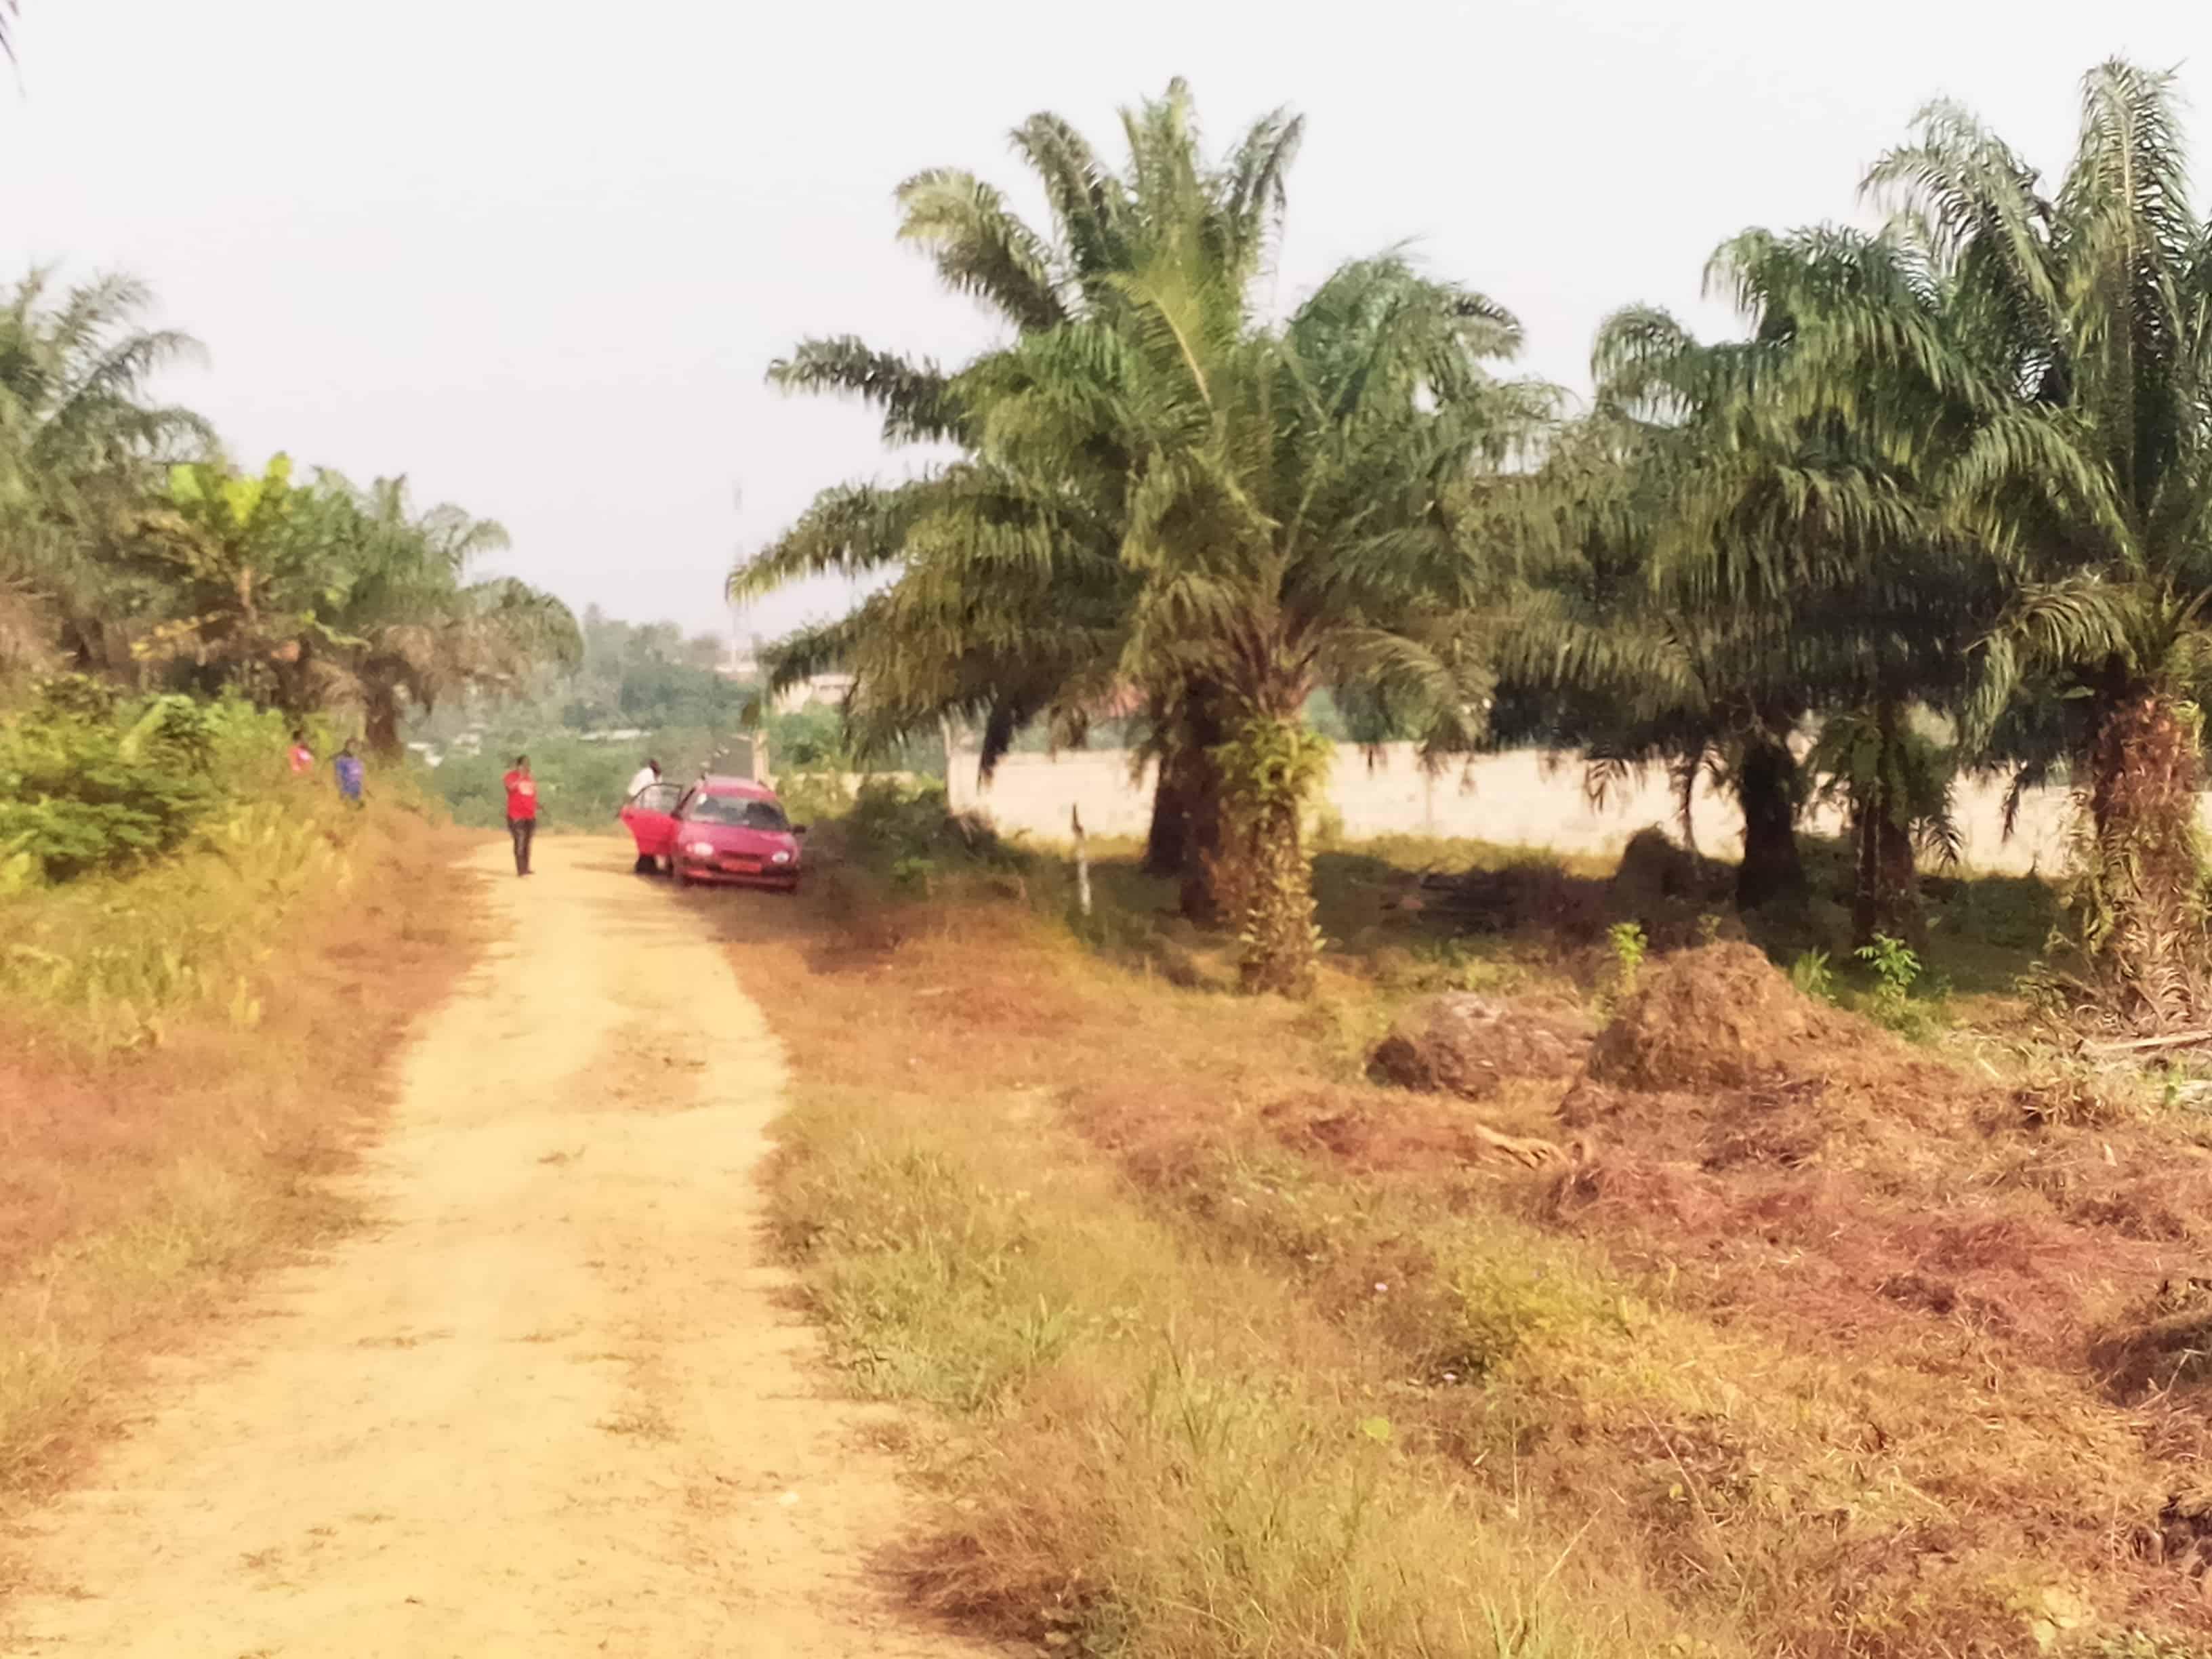 Land for sale at Douala, PK 21, avant le marché , coté droit, plus de 10 ha disponibles +237 694362323 et +237 676201163 - 500 m2 - 9 000 000 FCFA